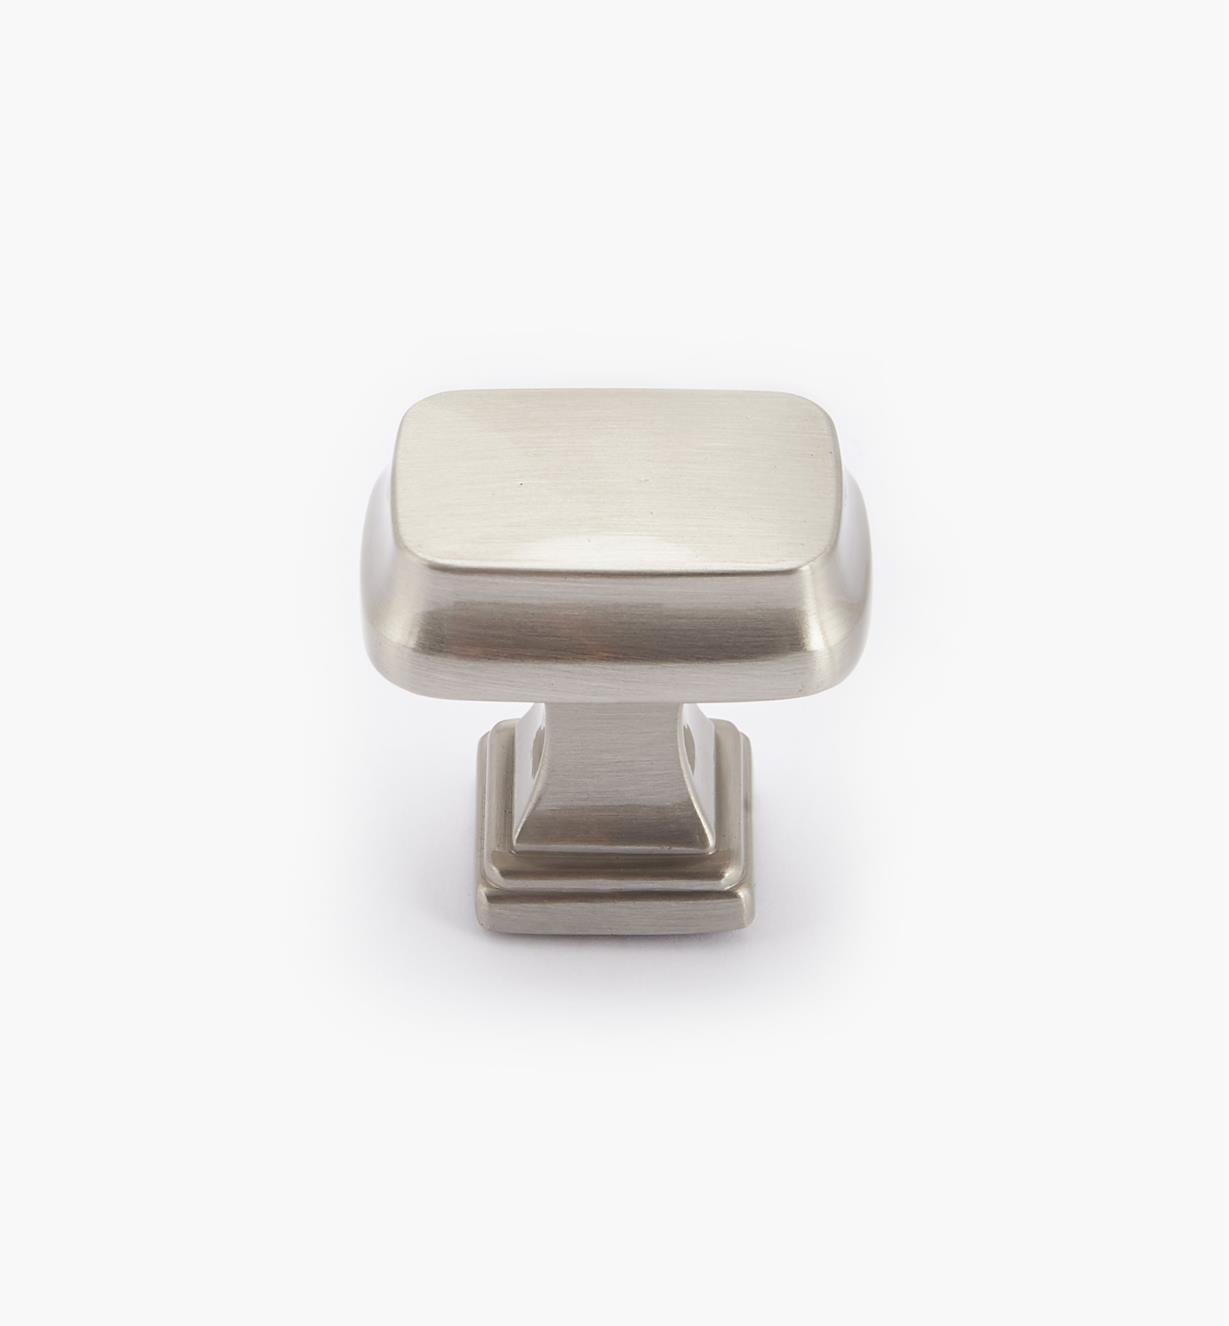 02A1680 - Bouton rectangulaire Revitalize, 11/4po, chrome satiné, l'unité